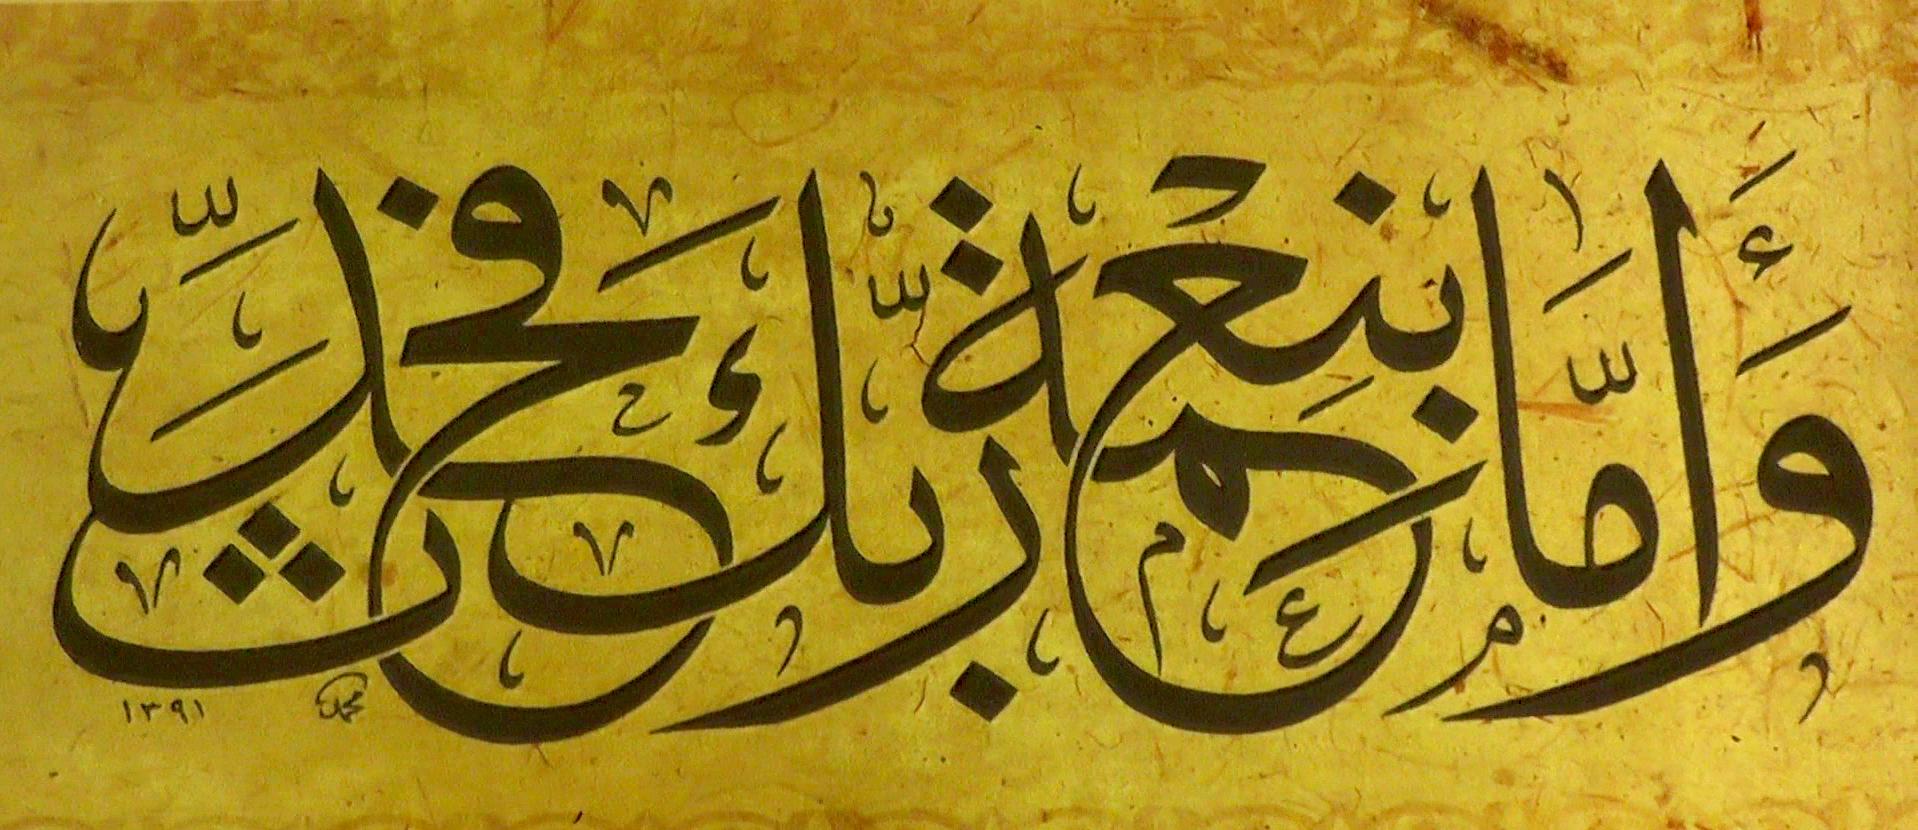 2021 : L'année de la calligraphie arabe